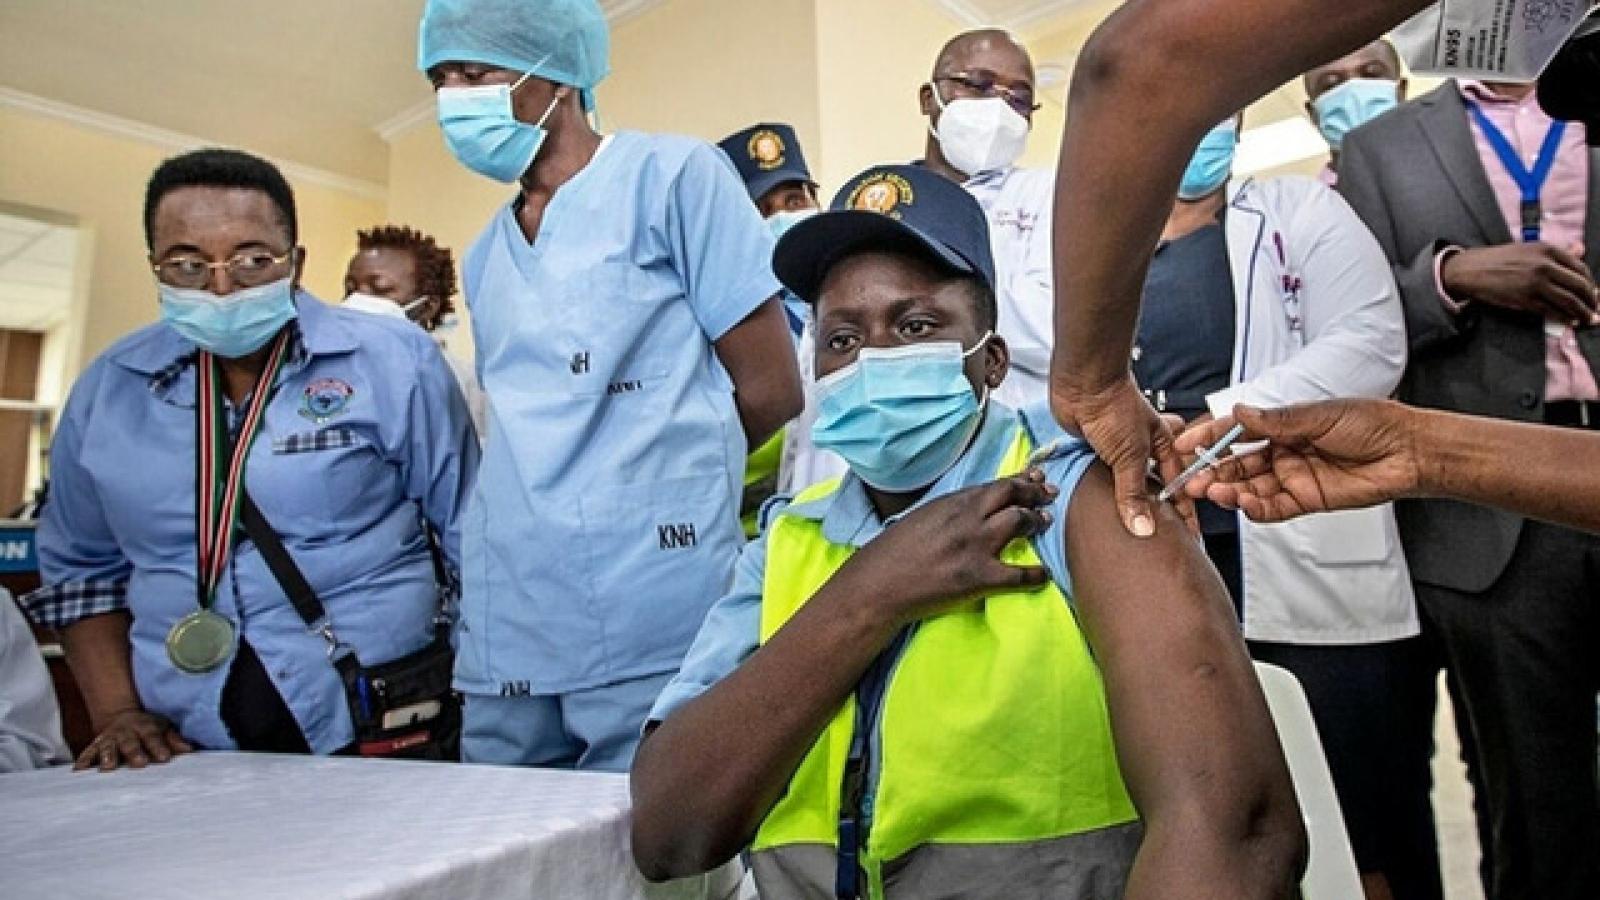 Quỹ Tiền tệ quốc tế và World Bank kêu gọi các nước thuộc nhóm G7 đóng góp vaccine dư thừa